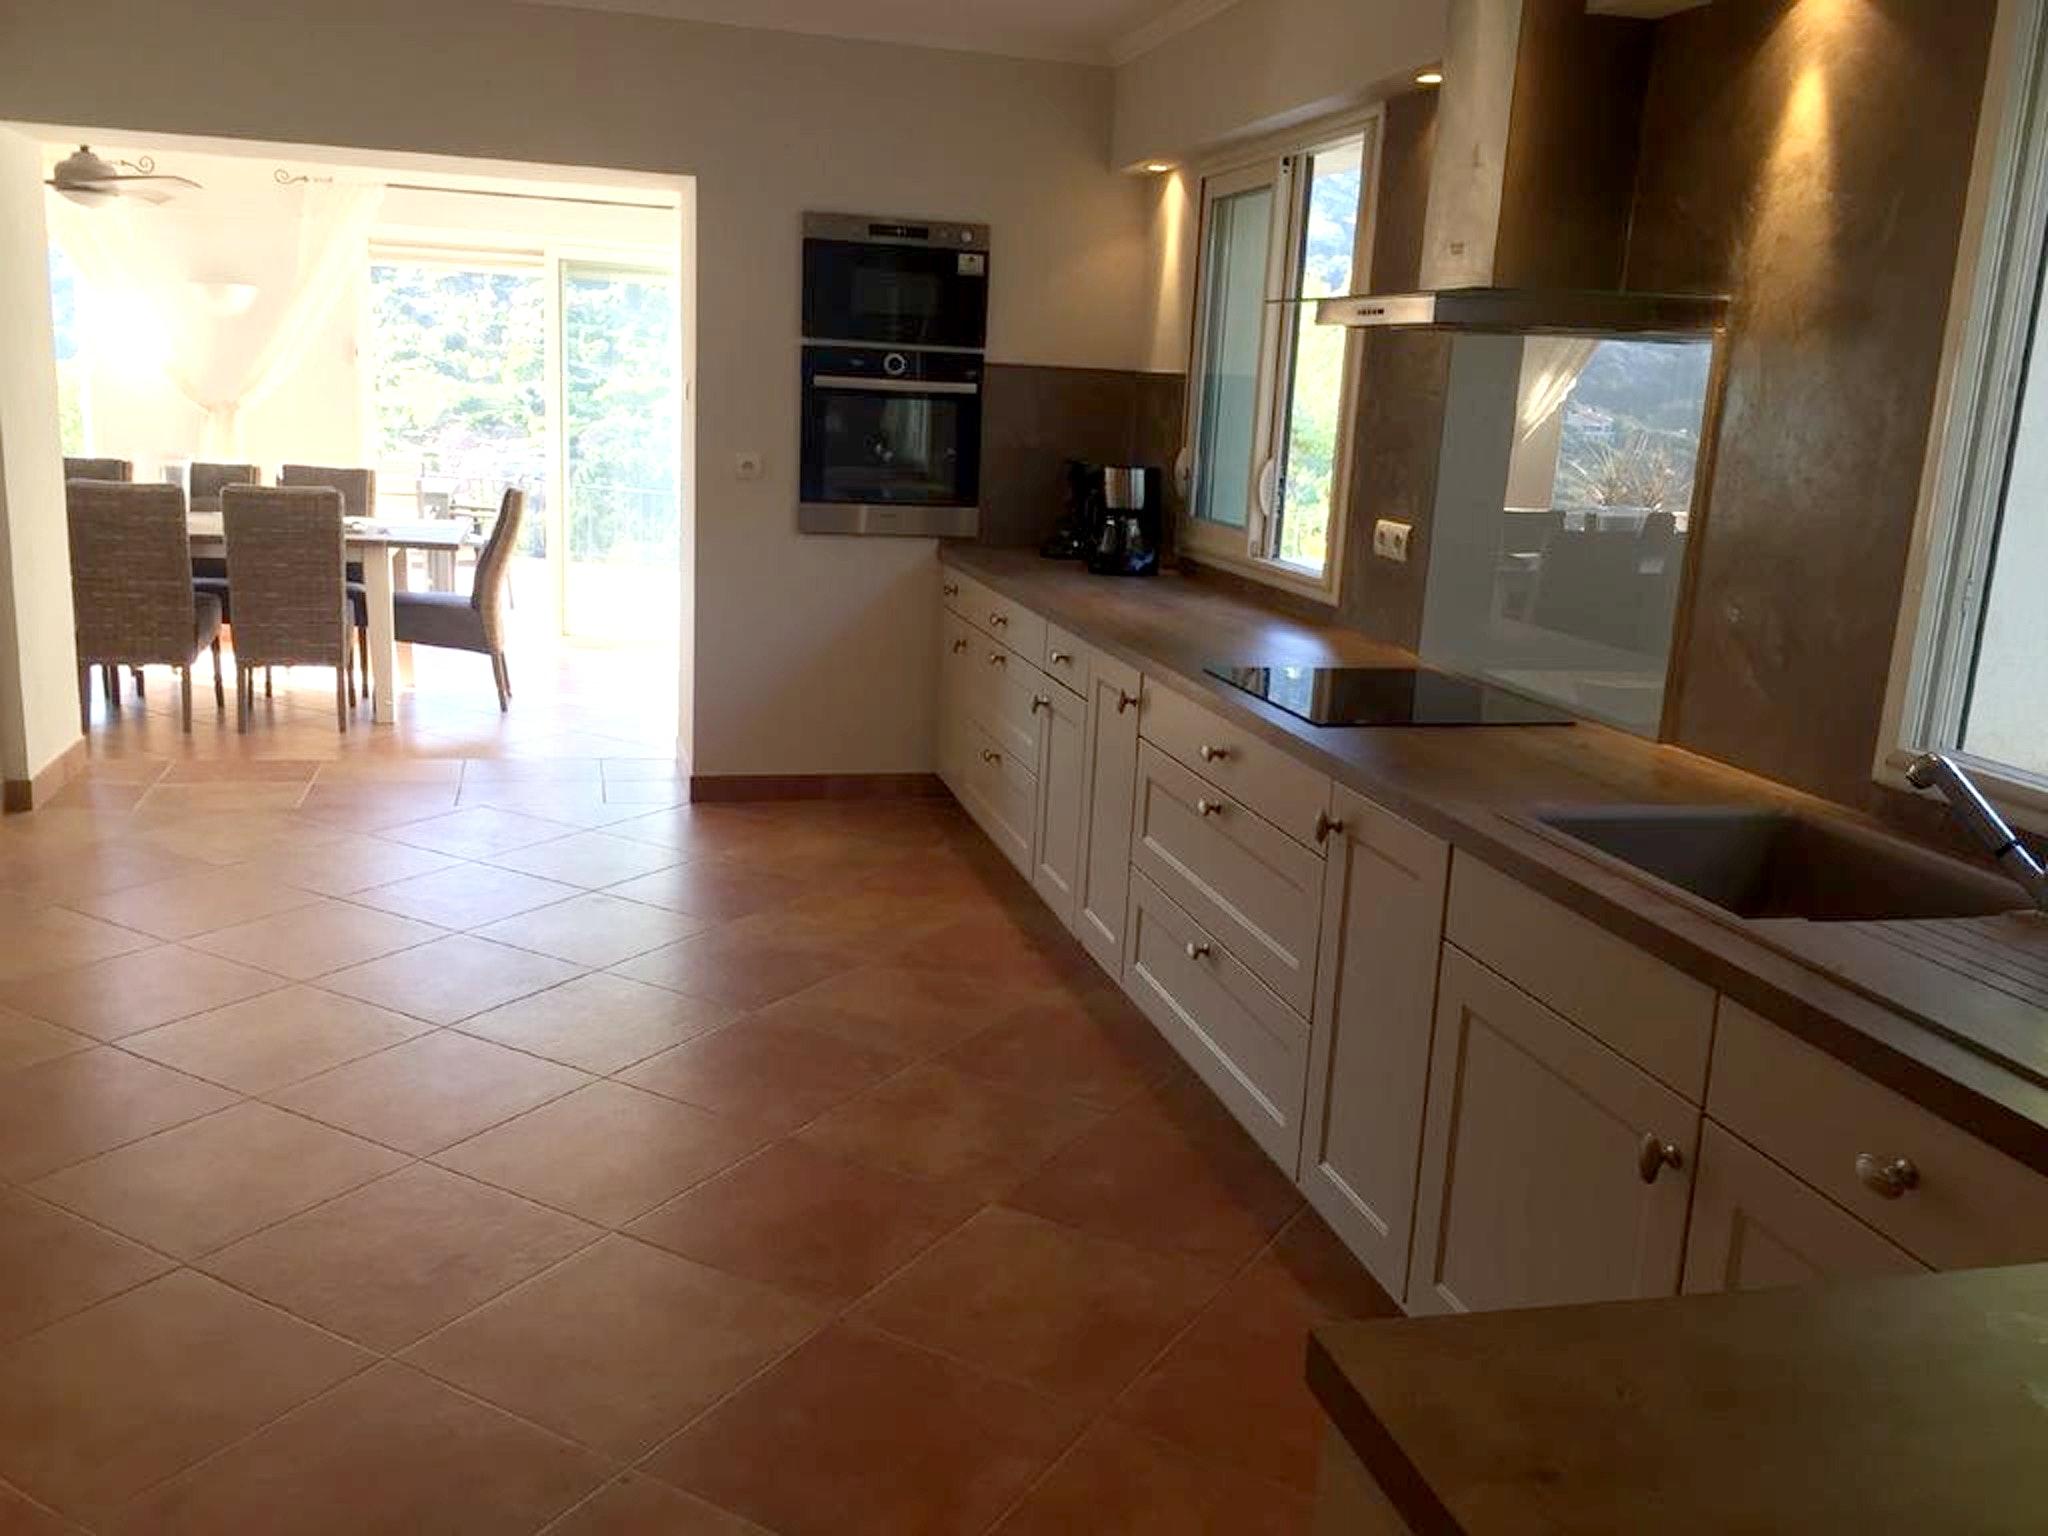 Maison de vacances Villa mit 5 Schlafzimmern in Rayol-Canadel-sur-Mer mit toller Aussicht auf die Berge, priv (2201555), Le Lavandou, Côte d'Azur, Provence - Alpes - Côte d'Azur, France, image 13